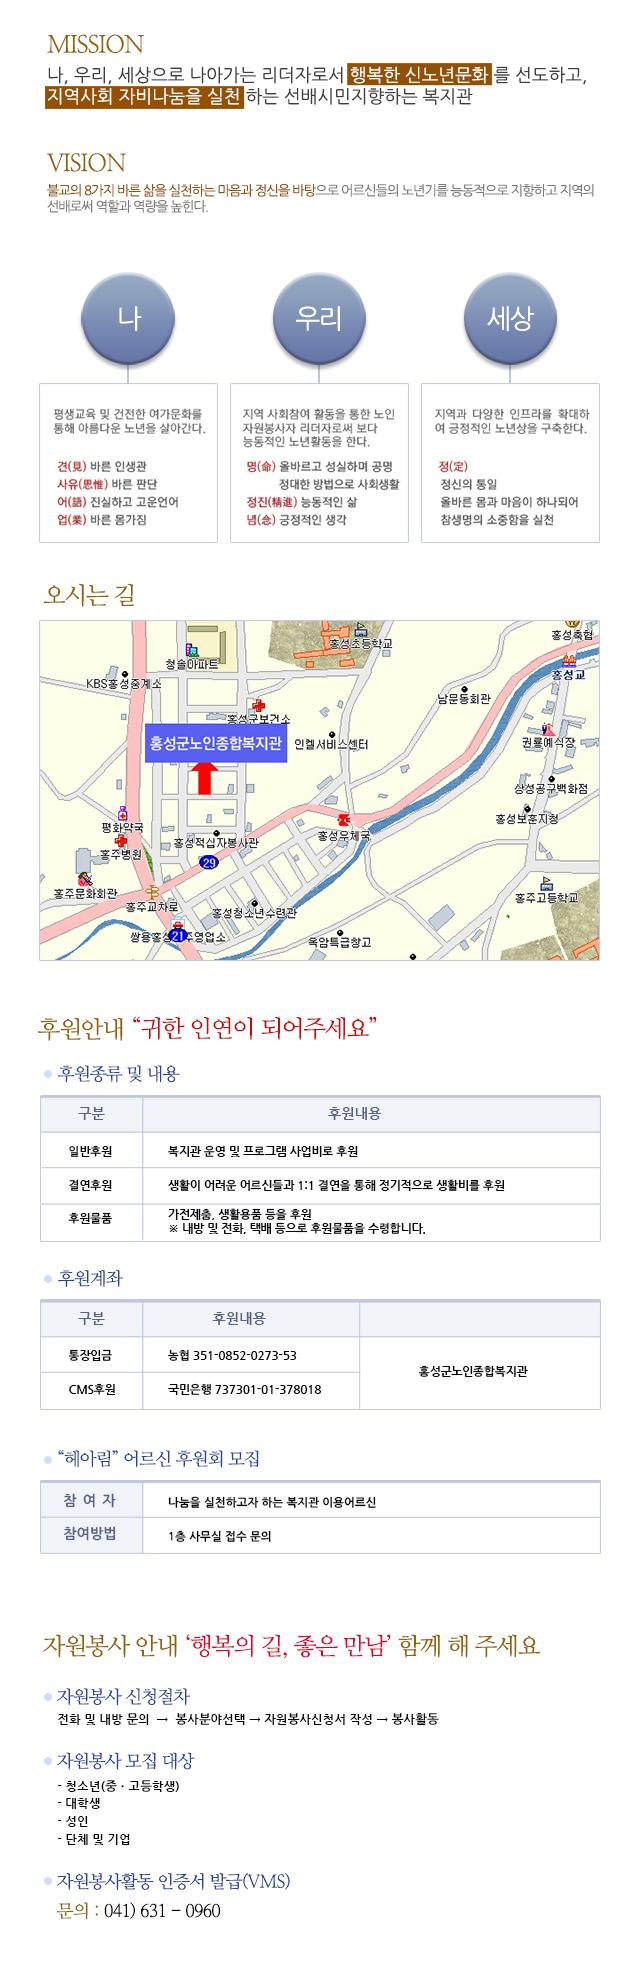 7_홍성군노인종합복지관.jpg